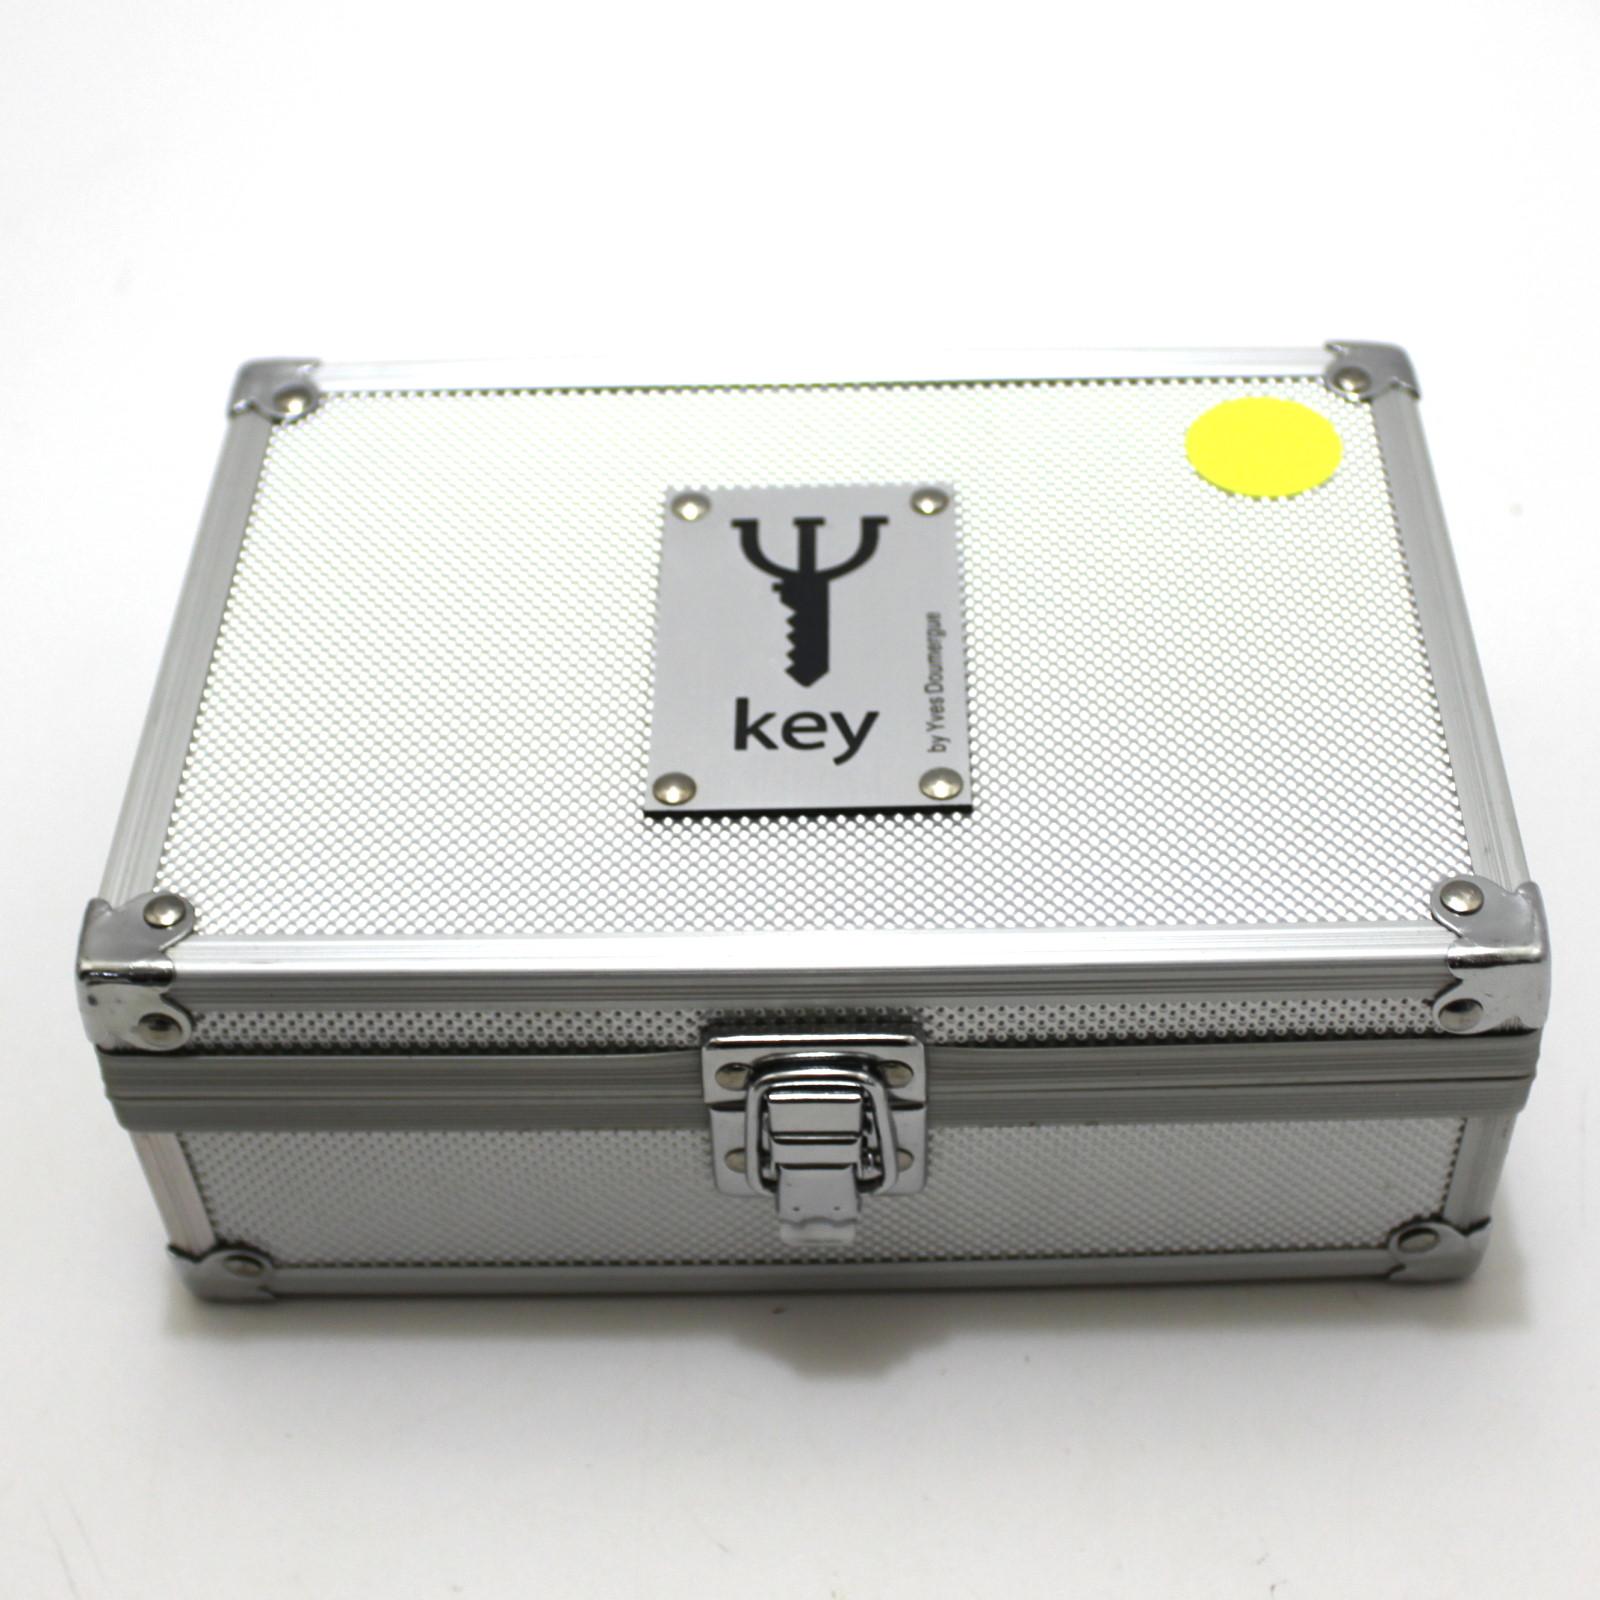 Psy Key by Yves Doumergue